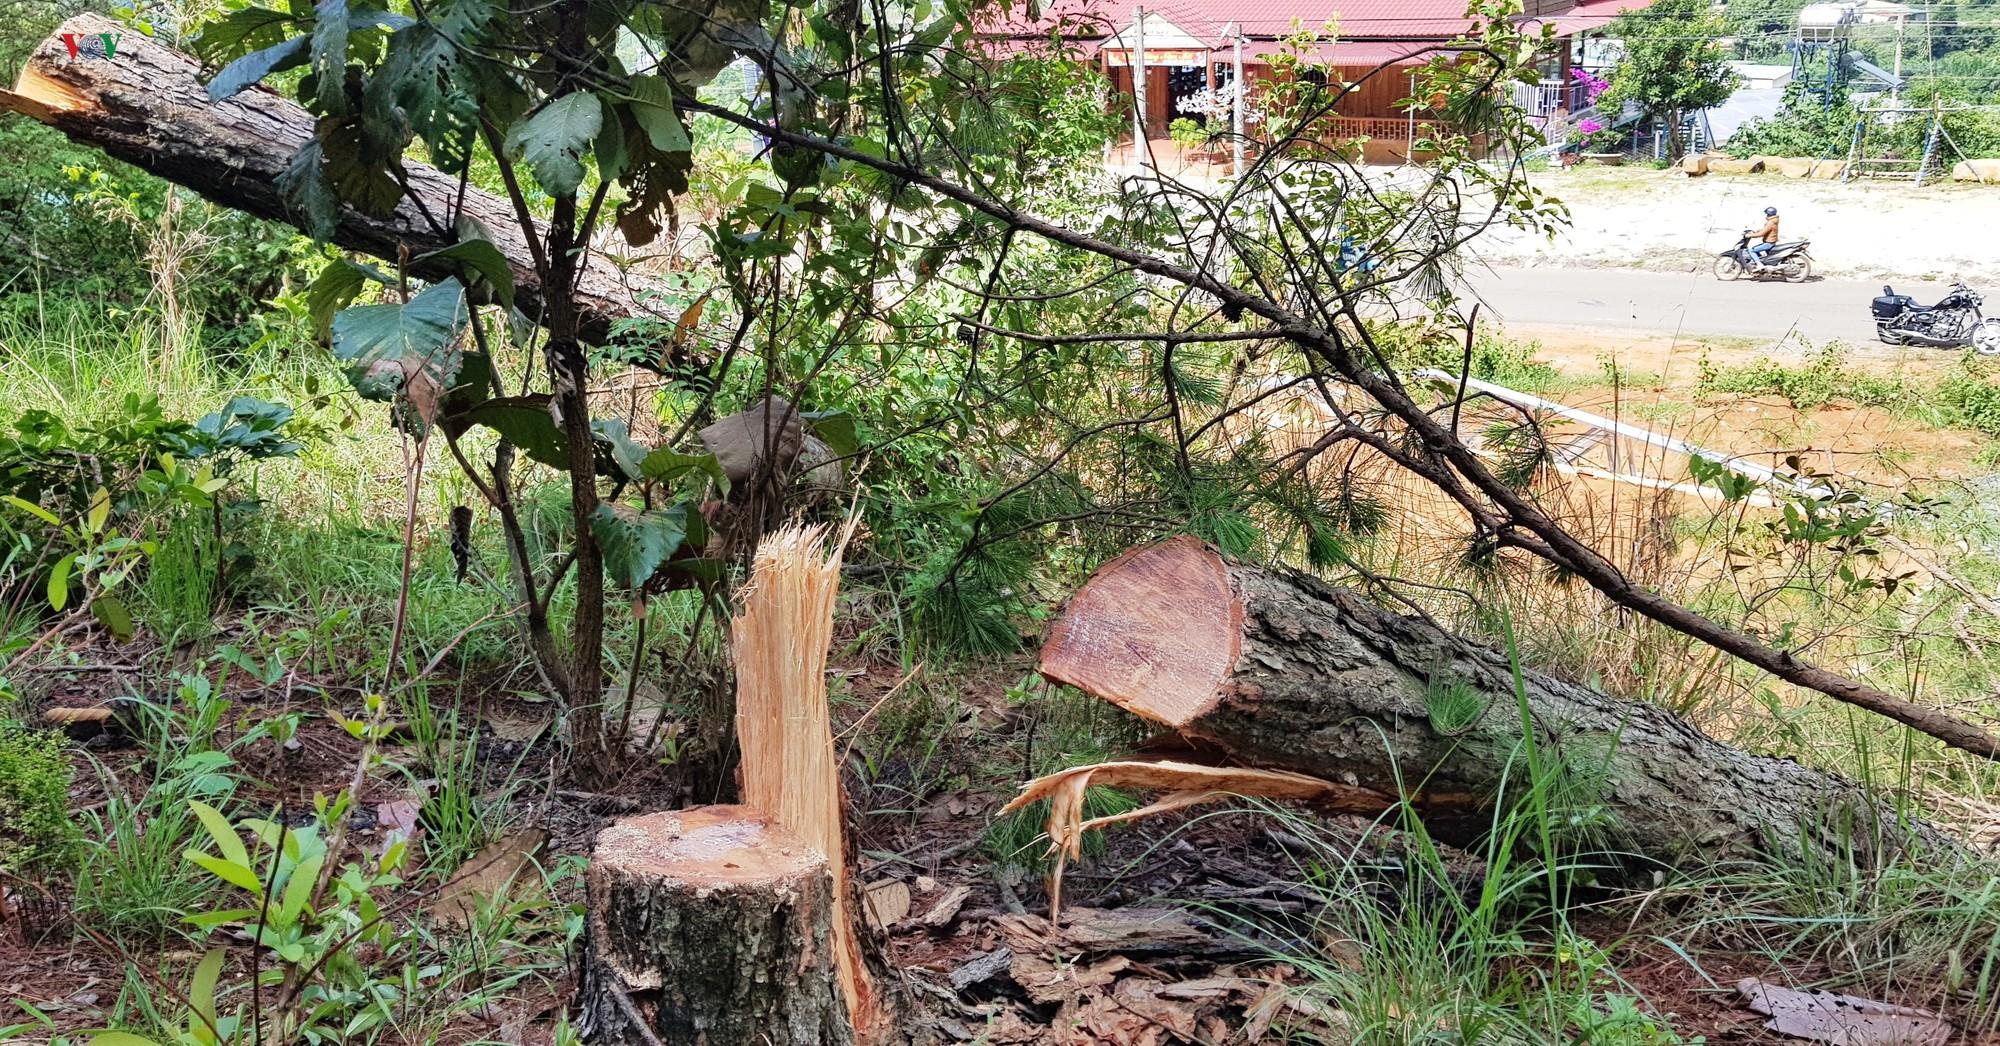 Tiếp tục xảy ra nhiều vụ phá rừng thông ở Lâm Đồng - Ảnh 1.